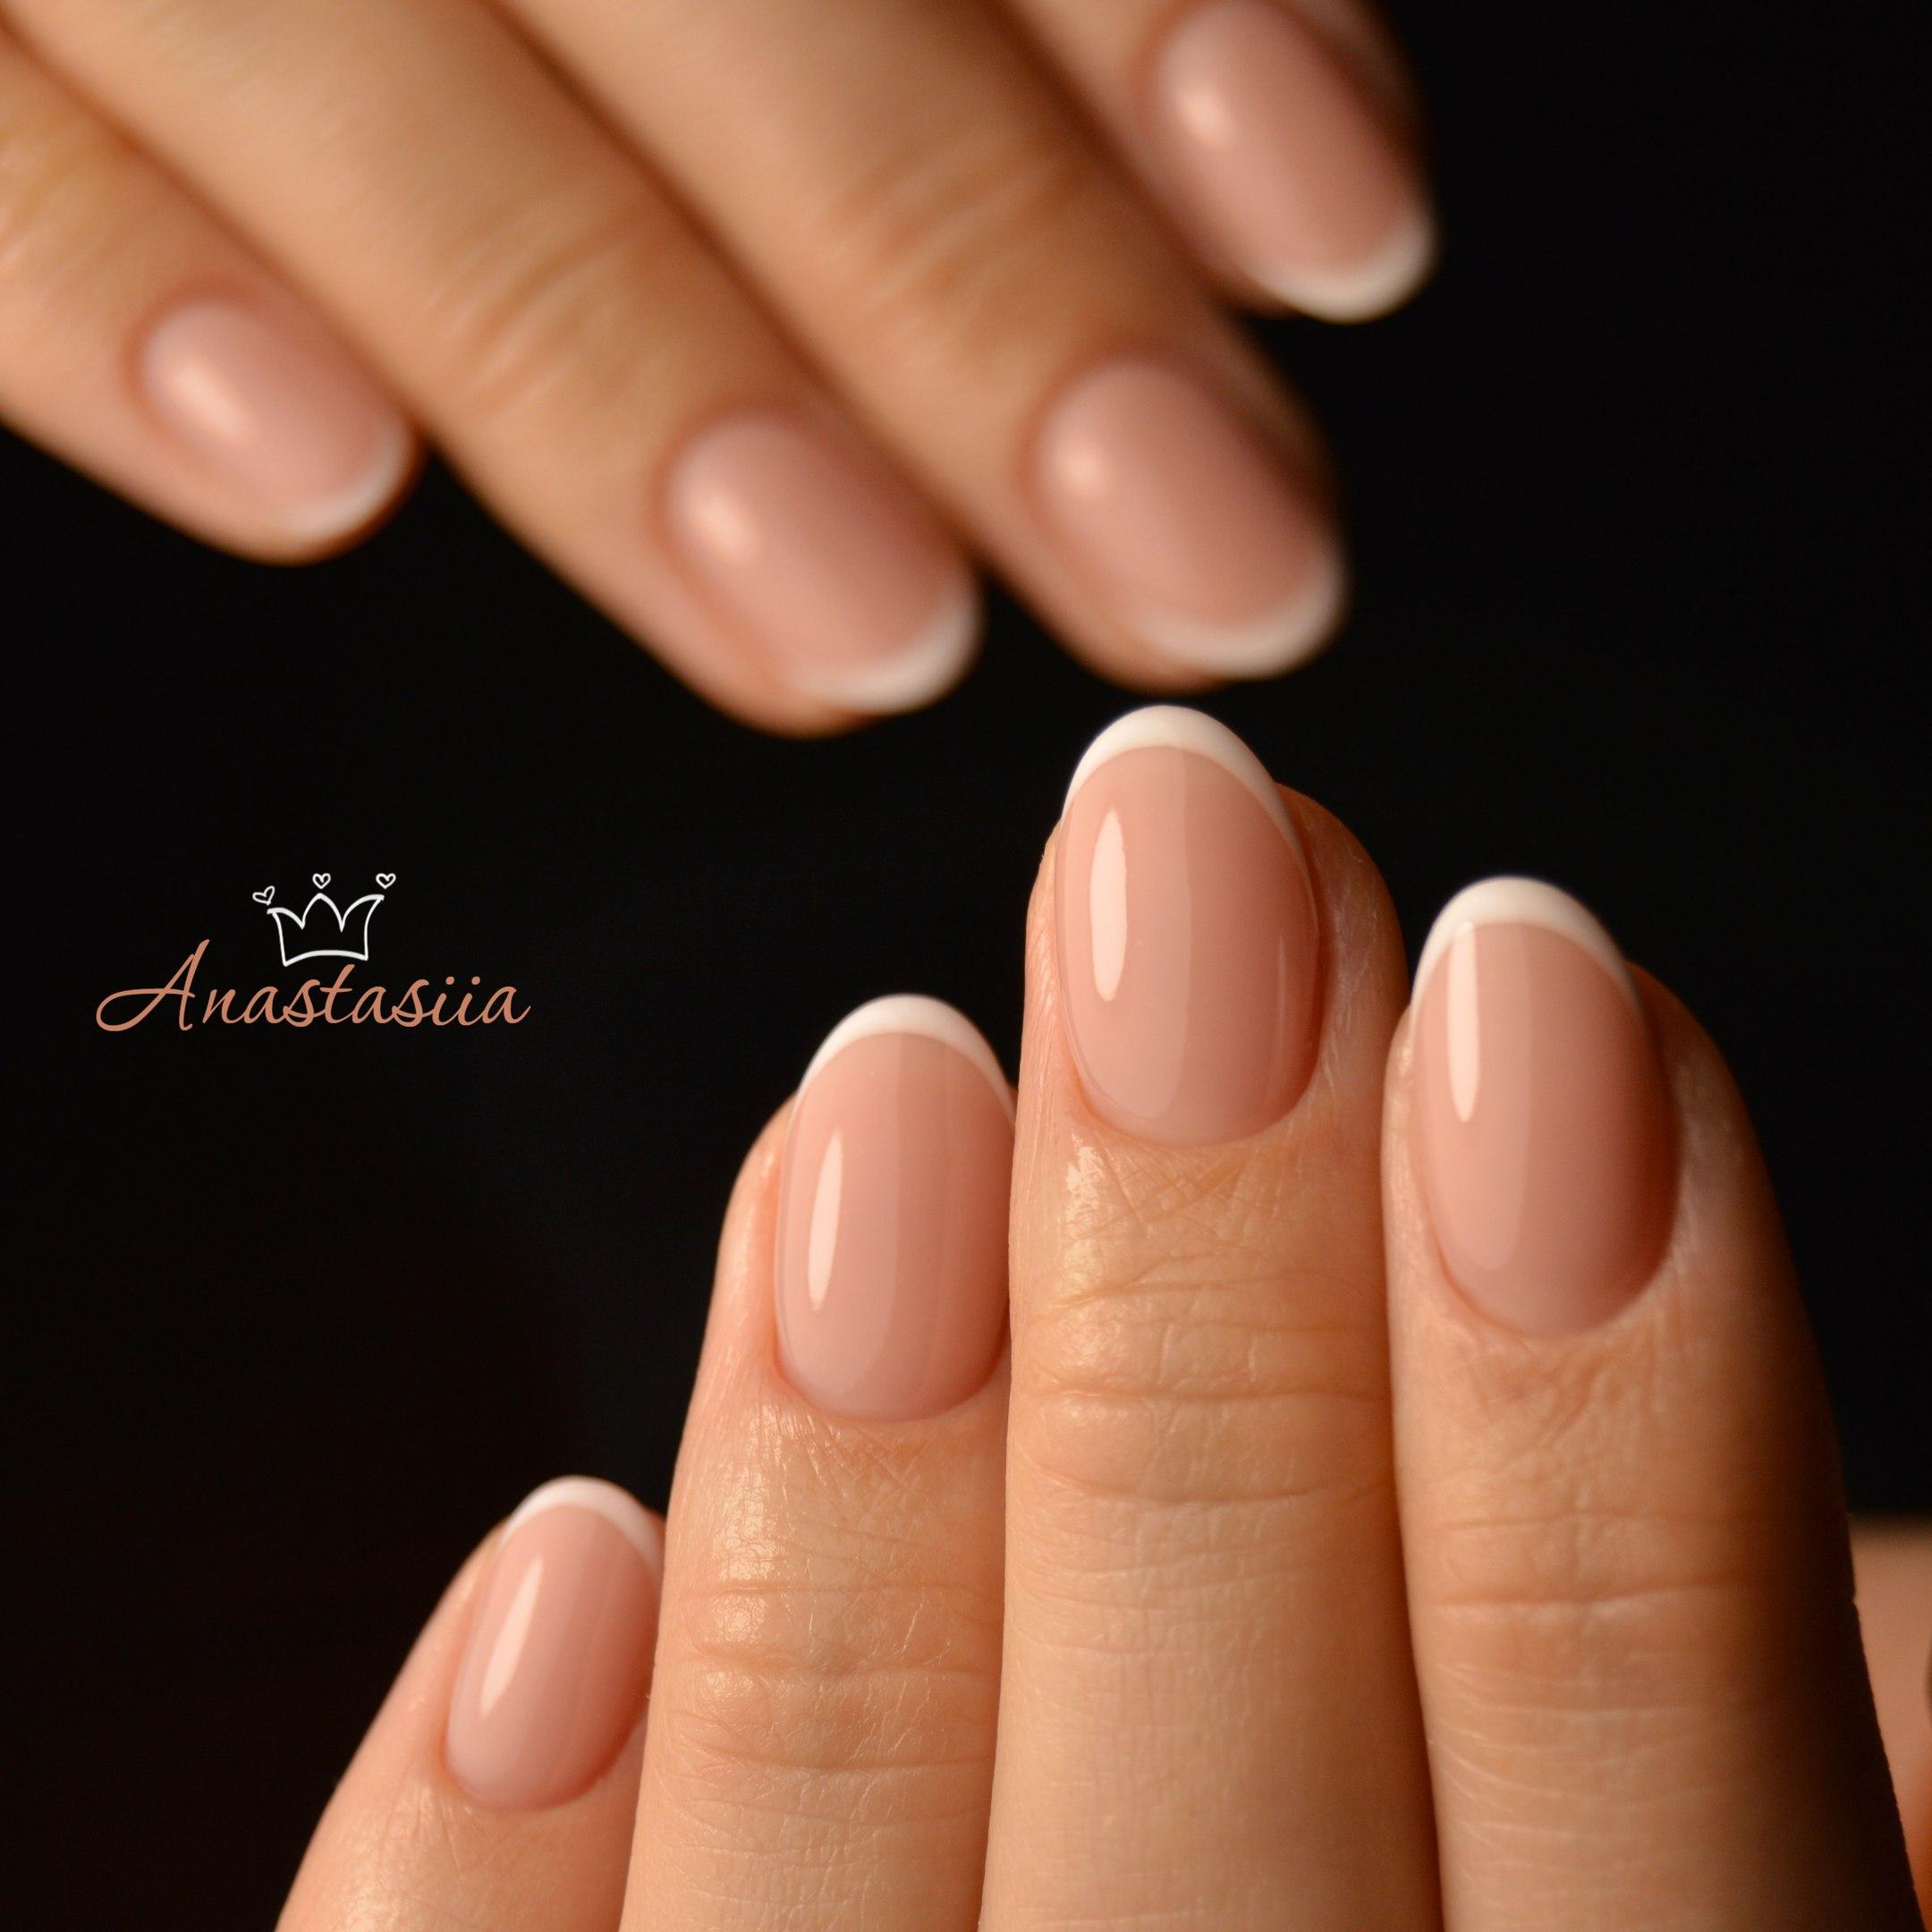 Миндальная форма ногтей фото короткие